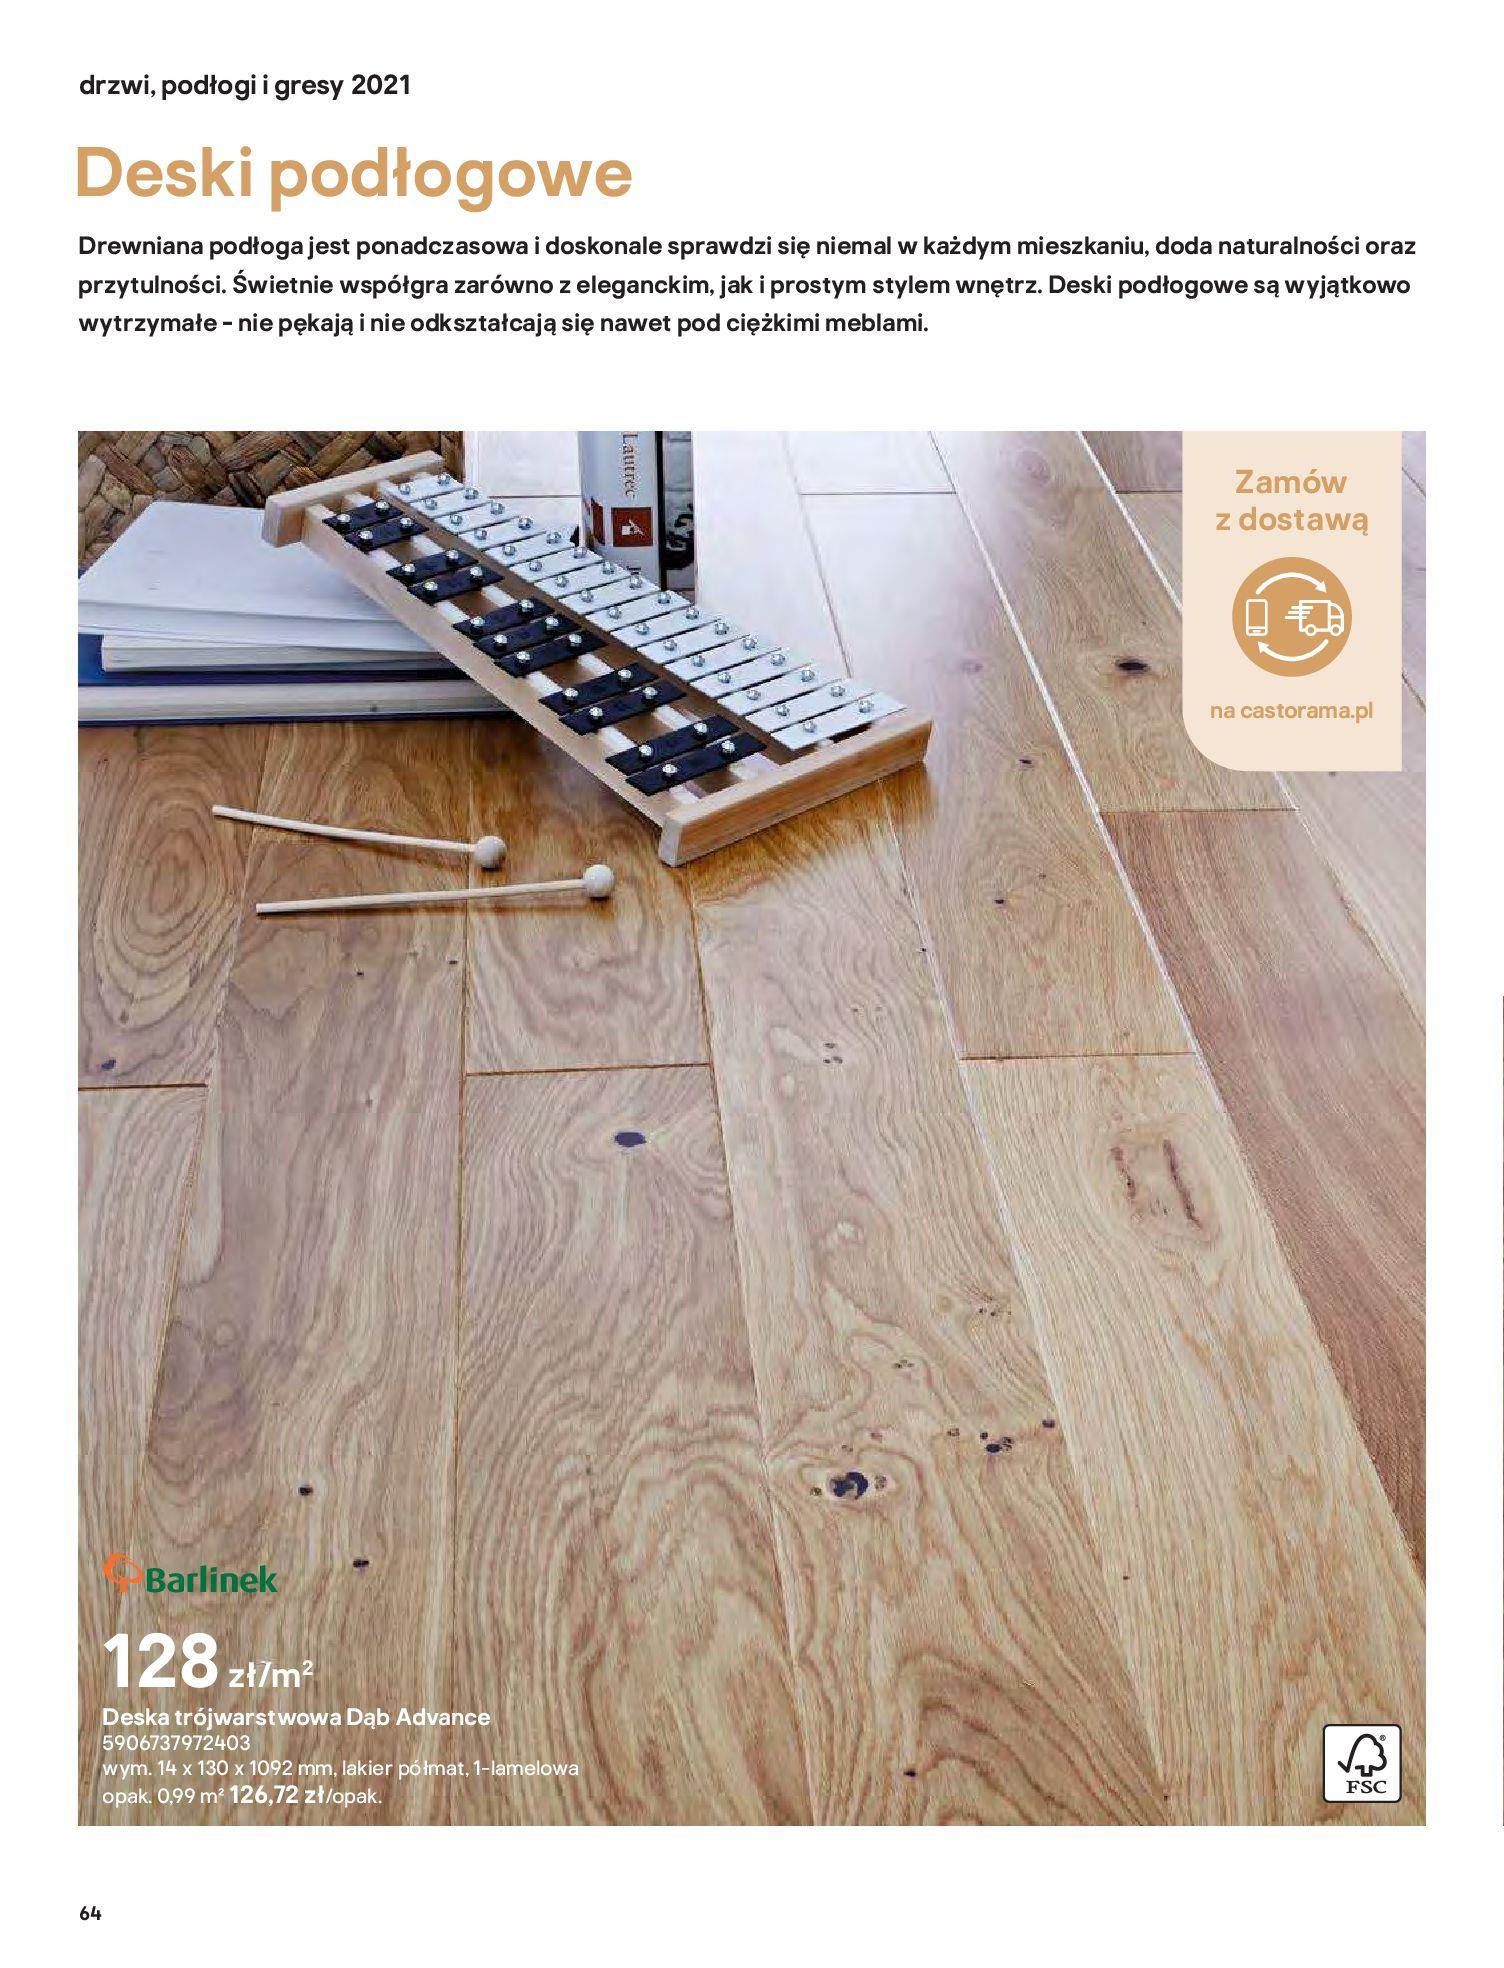 Gazetka Castorama: Gazetka Castorama - Przewodnik drzwi i podłogi 2021 2021-08-11 page-64